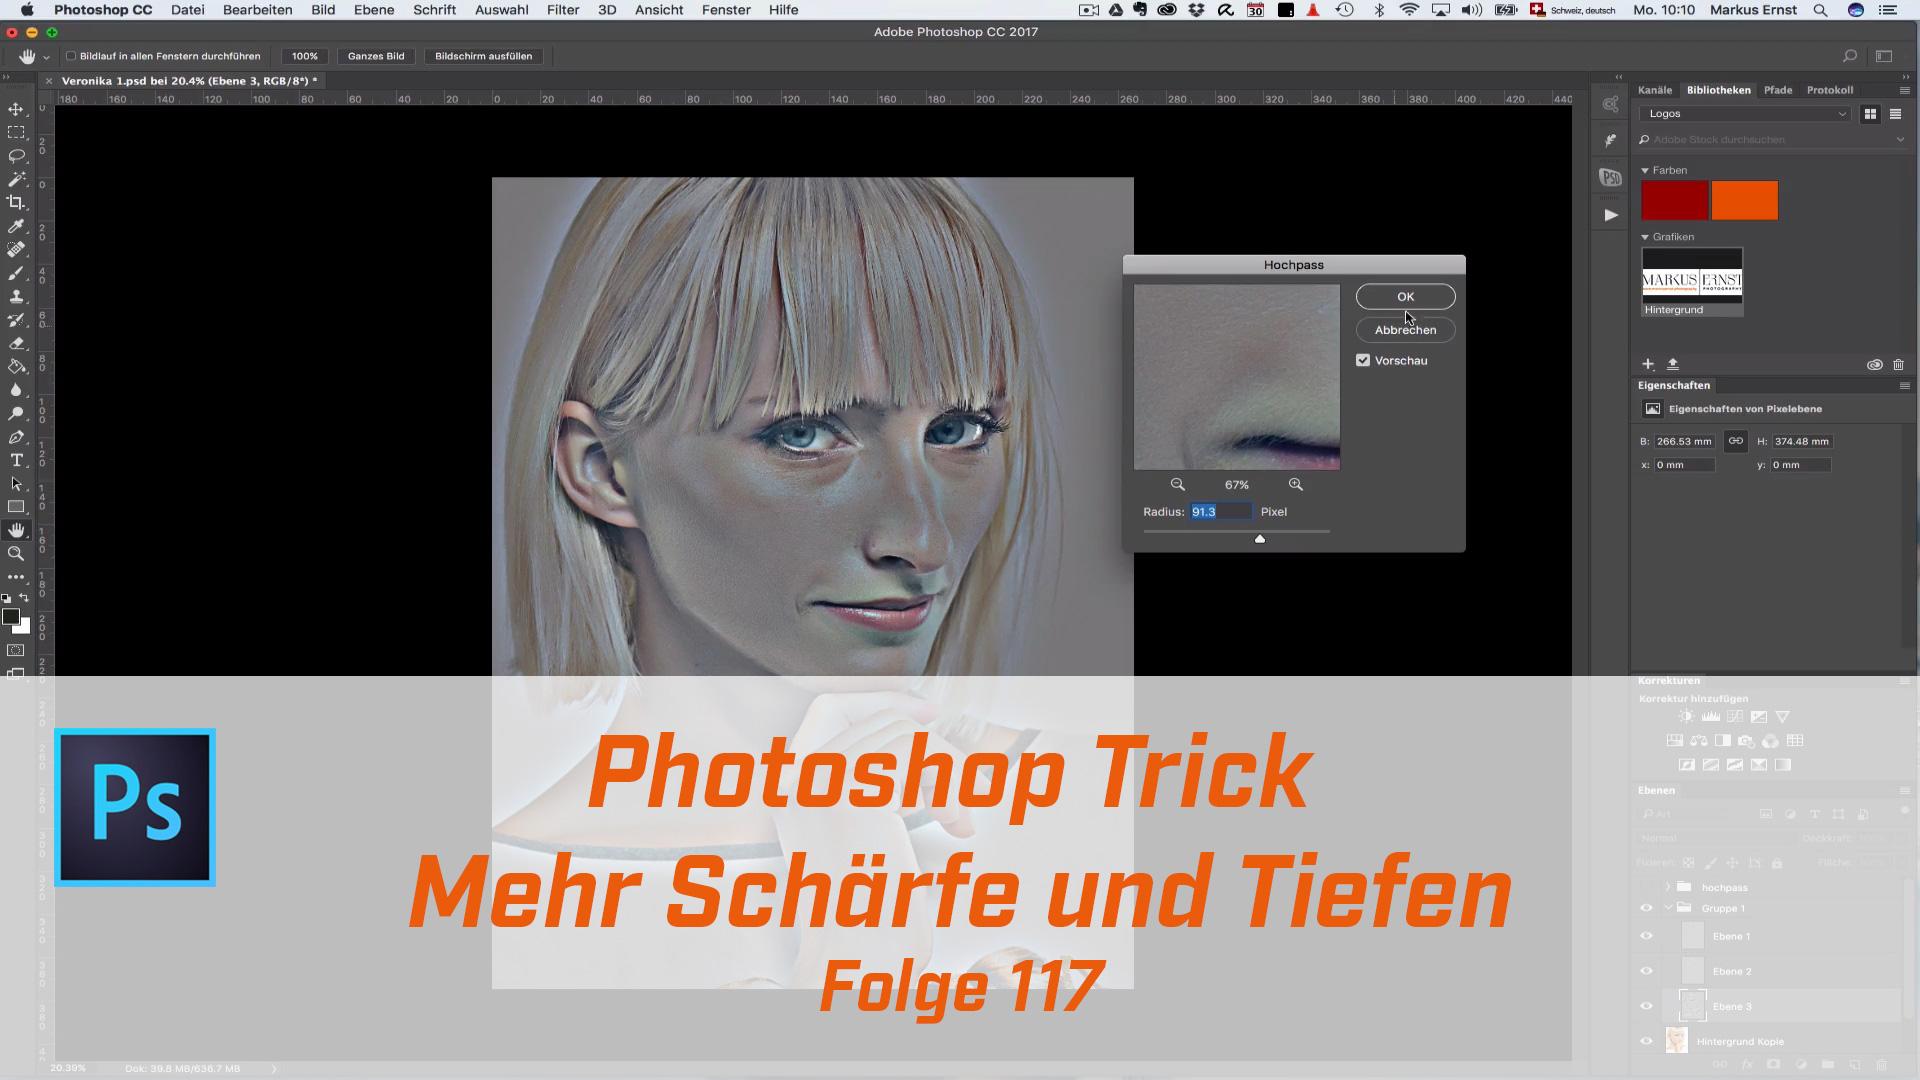 Photoshop Trick für Schärfe und Tiefen.